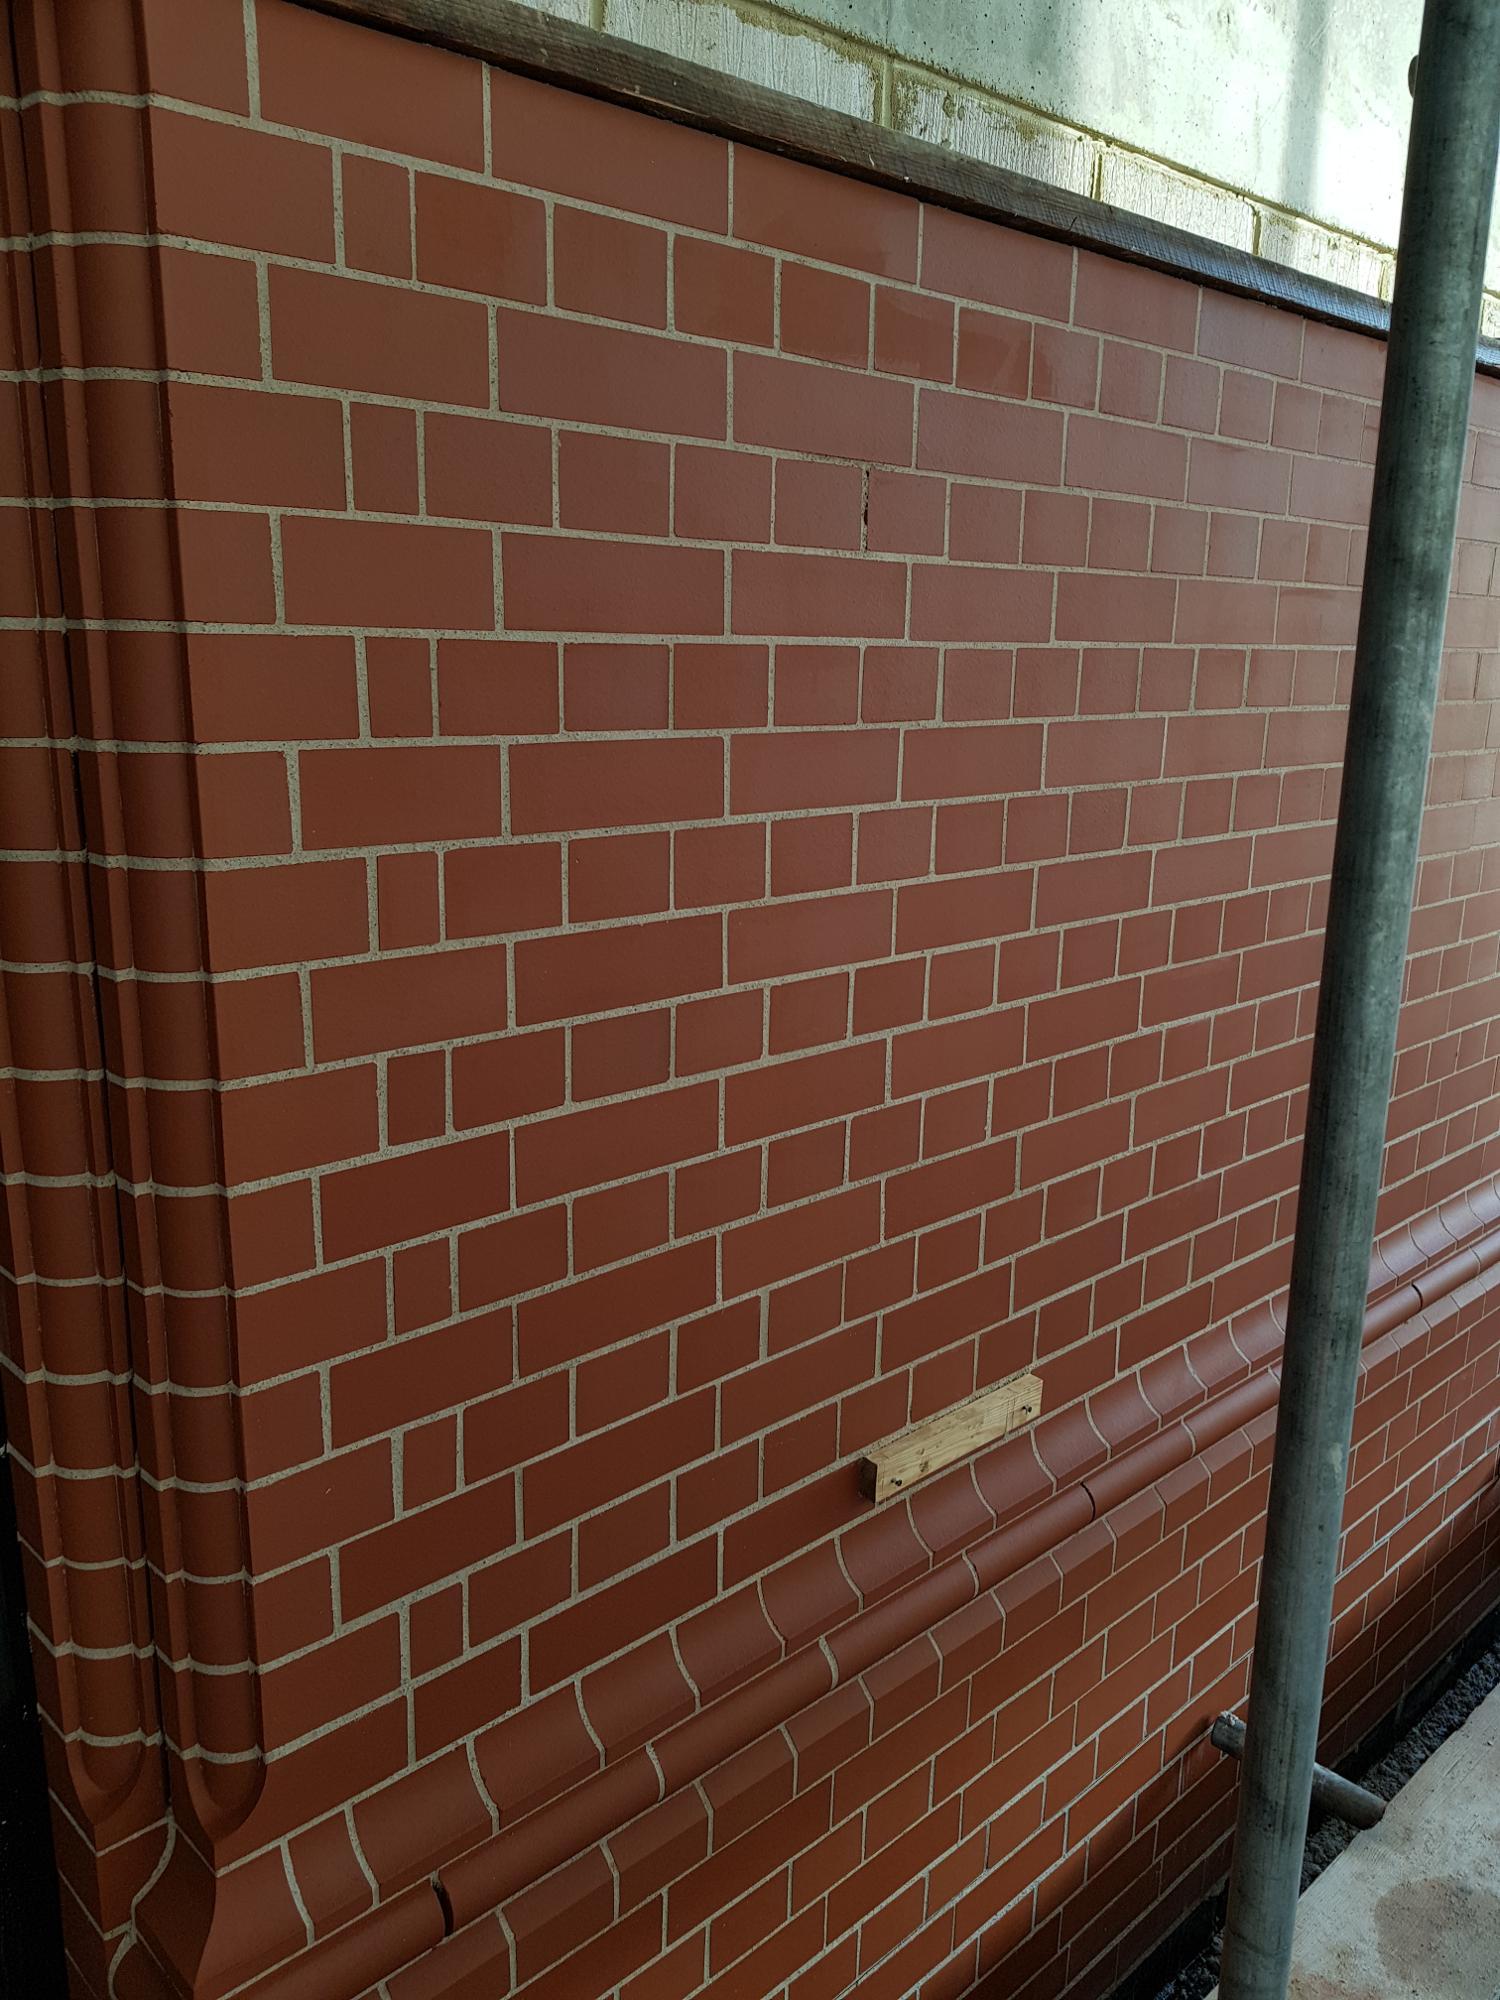 Brickstone & Flint ltd